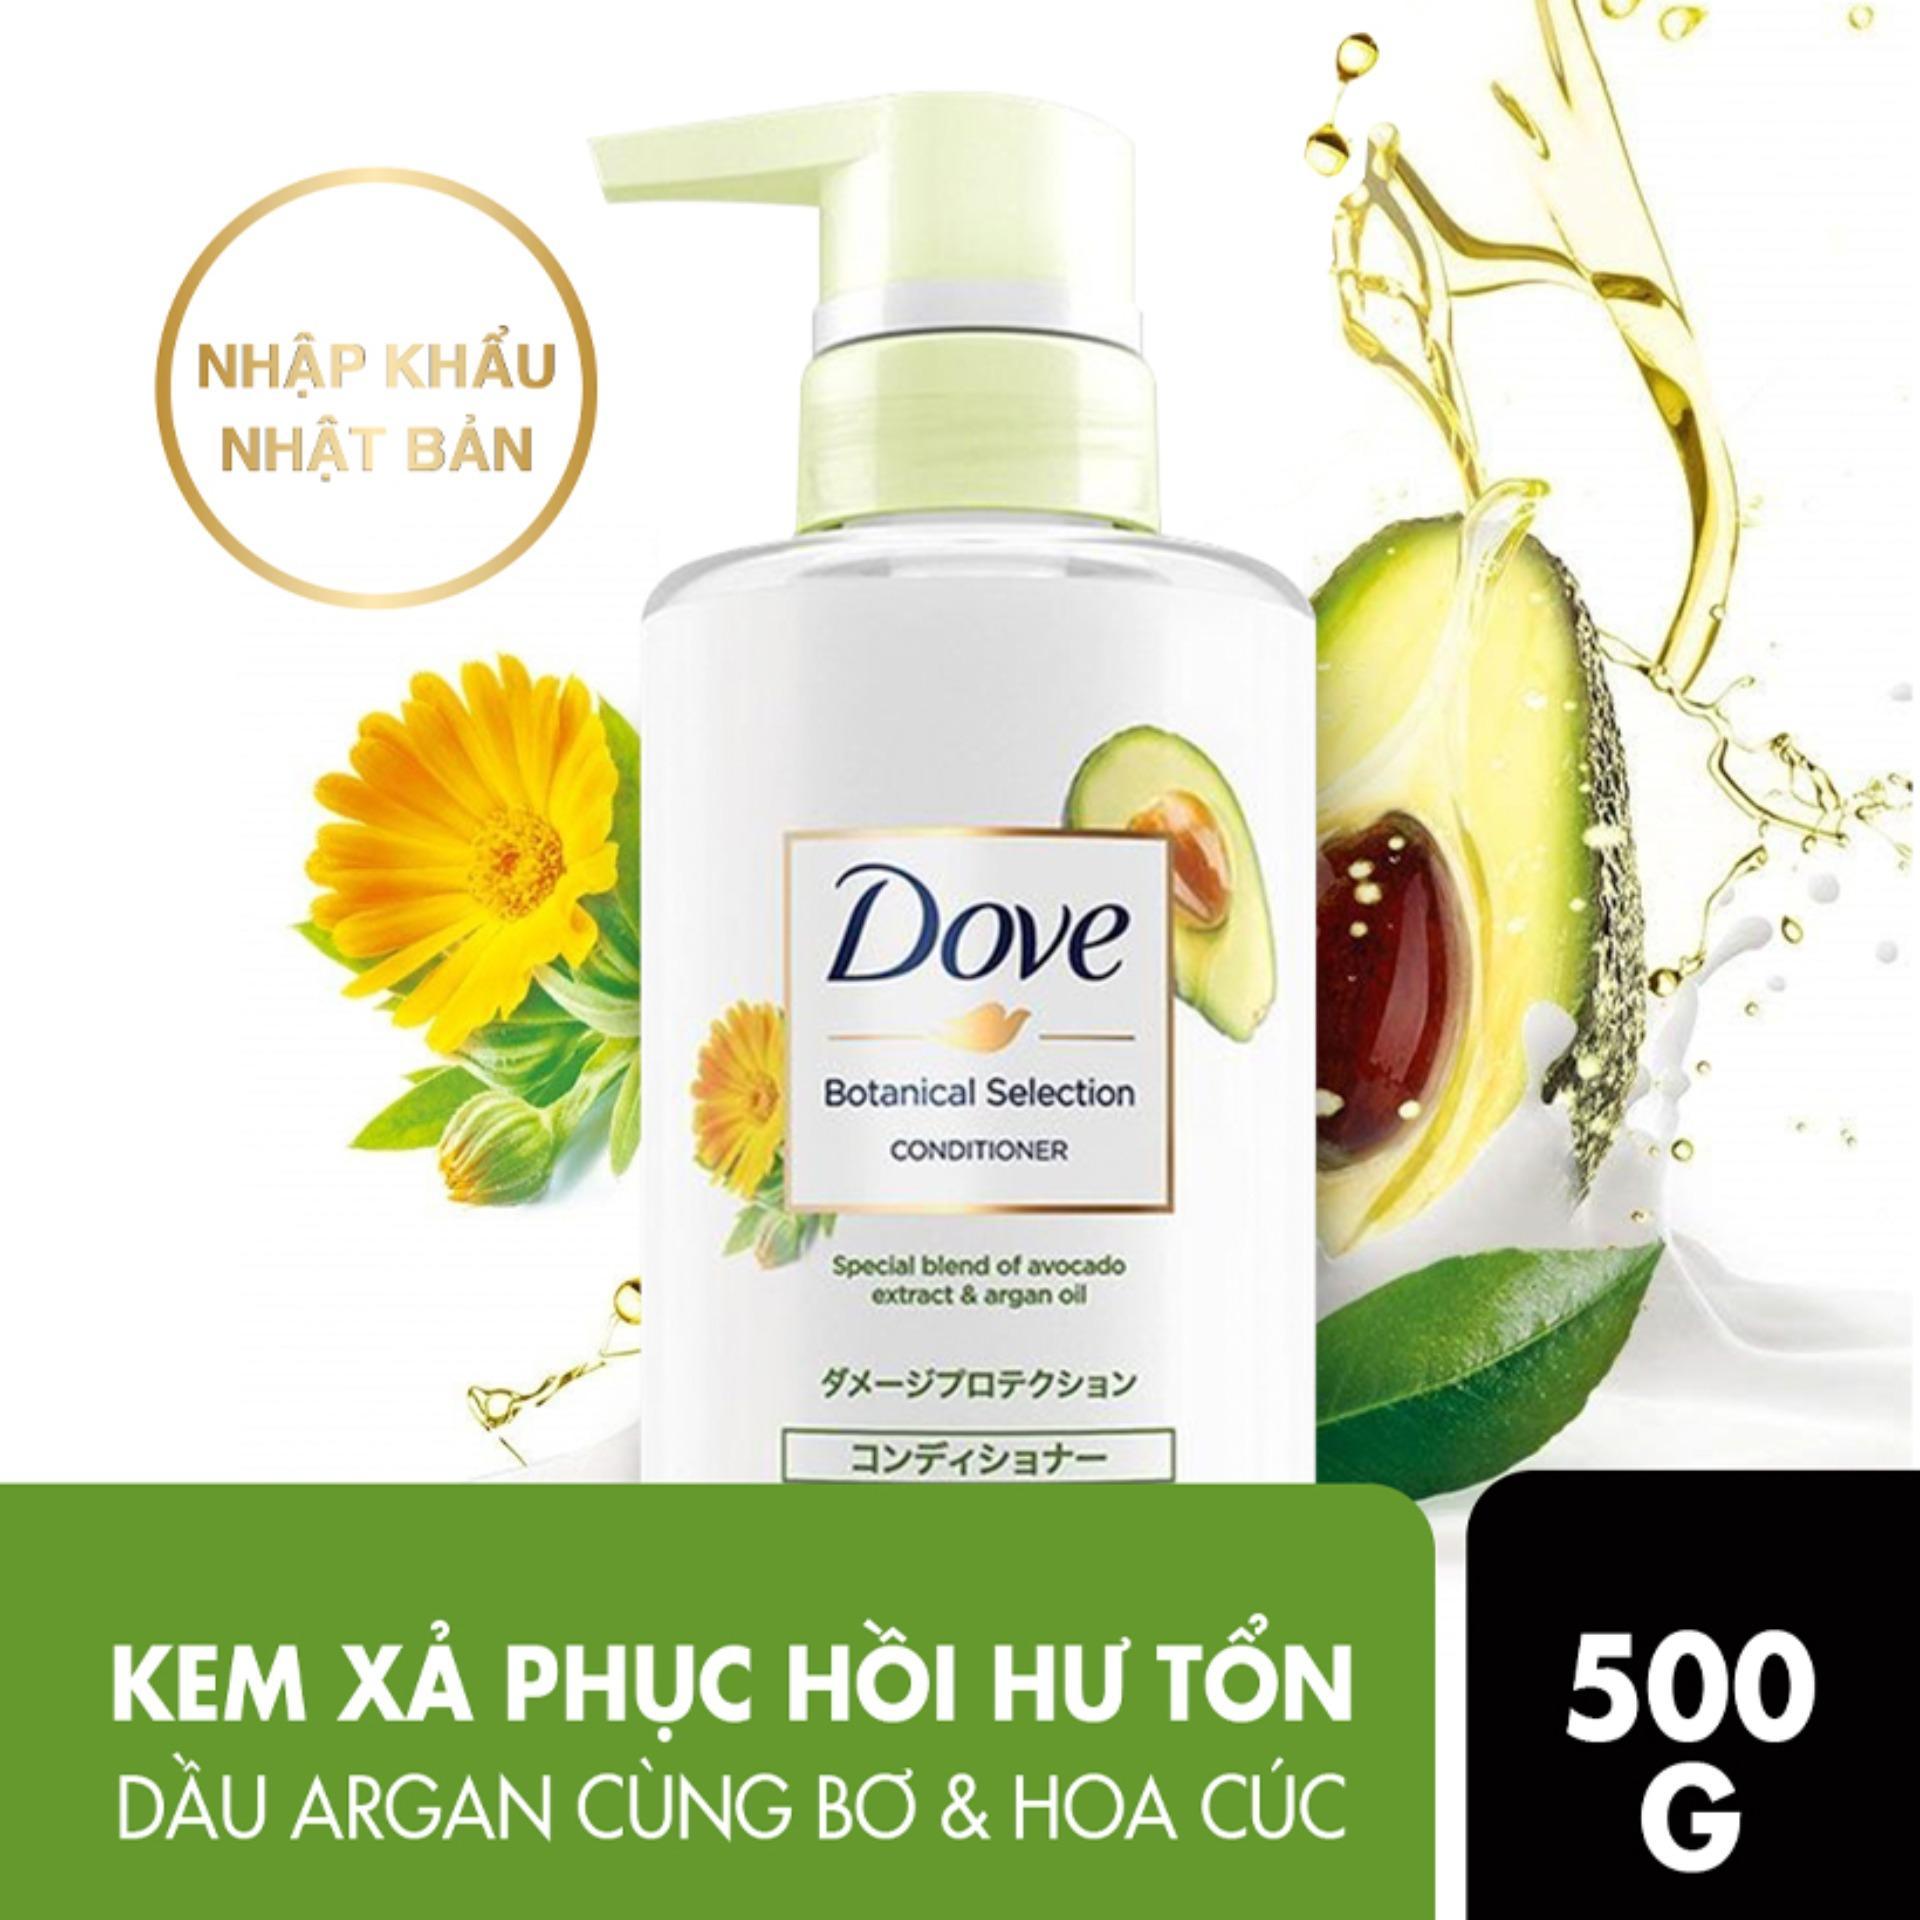 Kem Xả Dove Botanical Selection Phục Hồi Hư Tổn Chiết Xuất Bơ Và Dầu Argan  500g, Giá tháng 9/2020